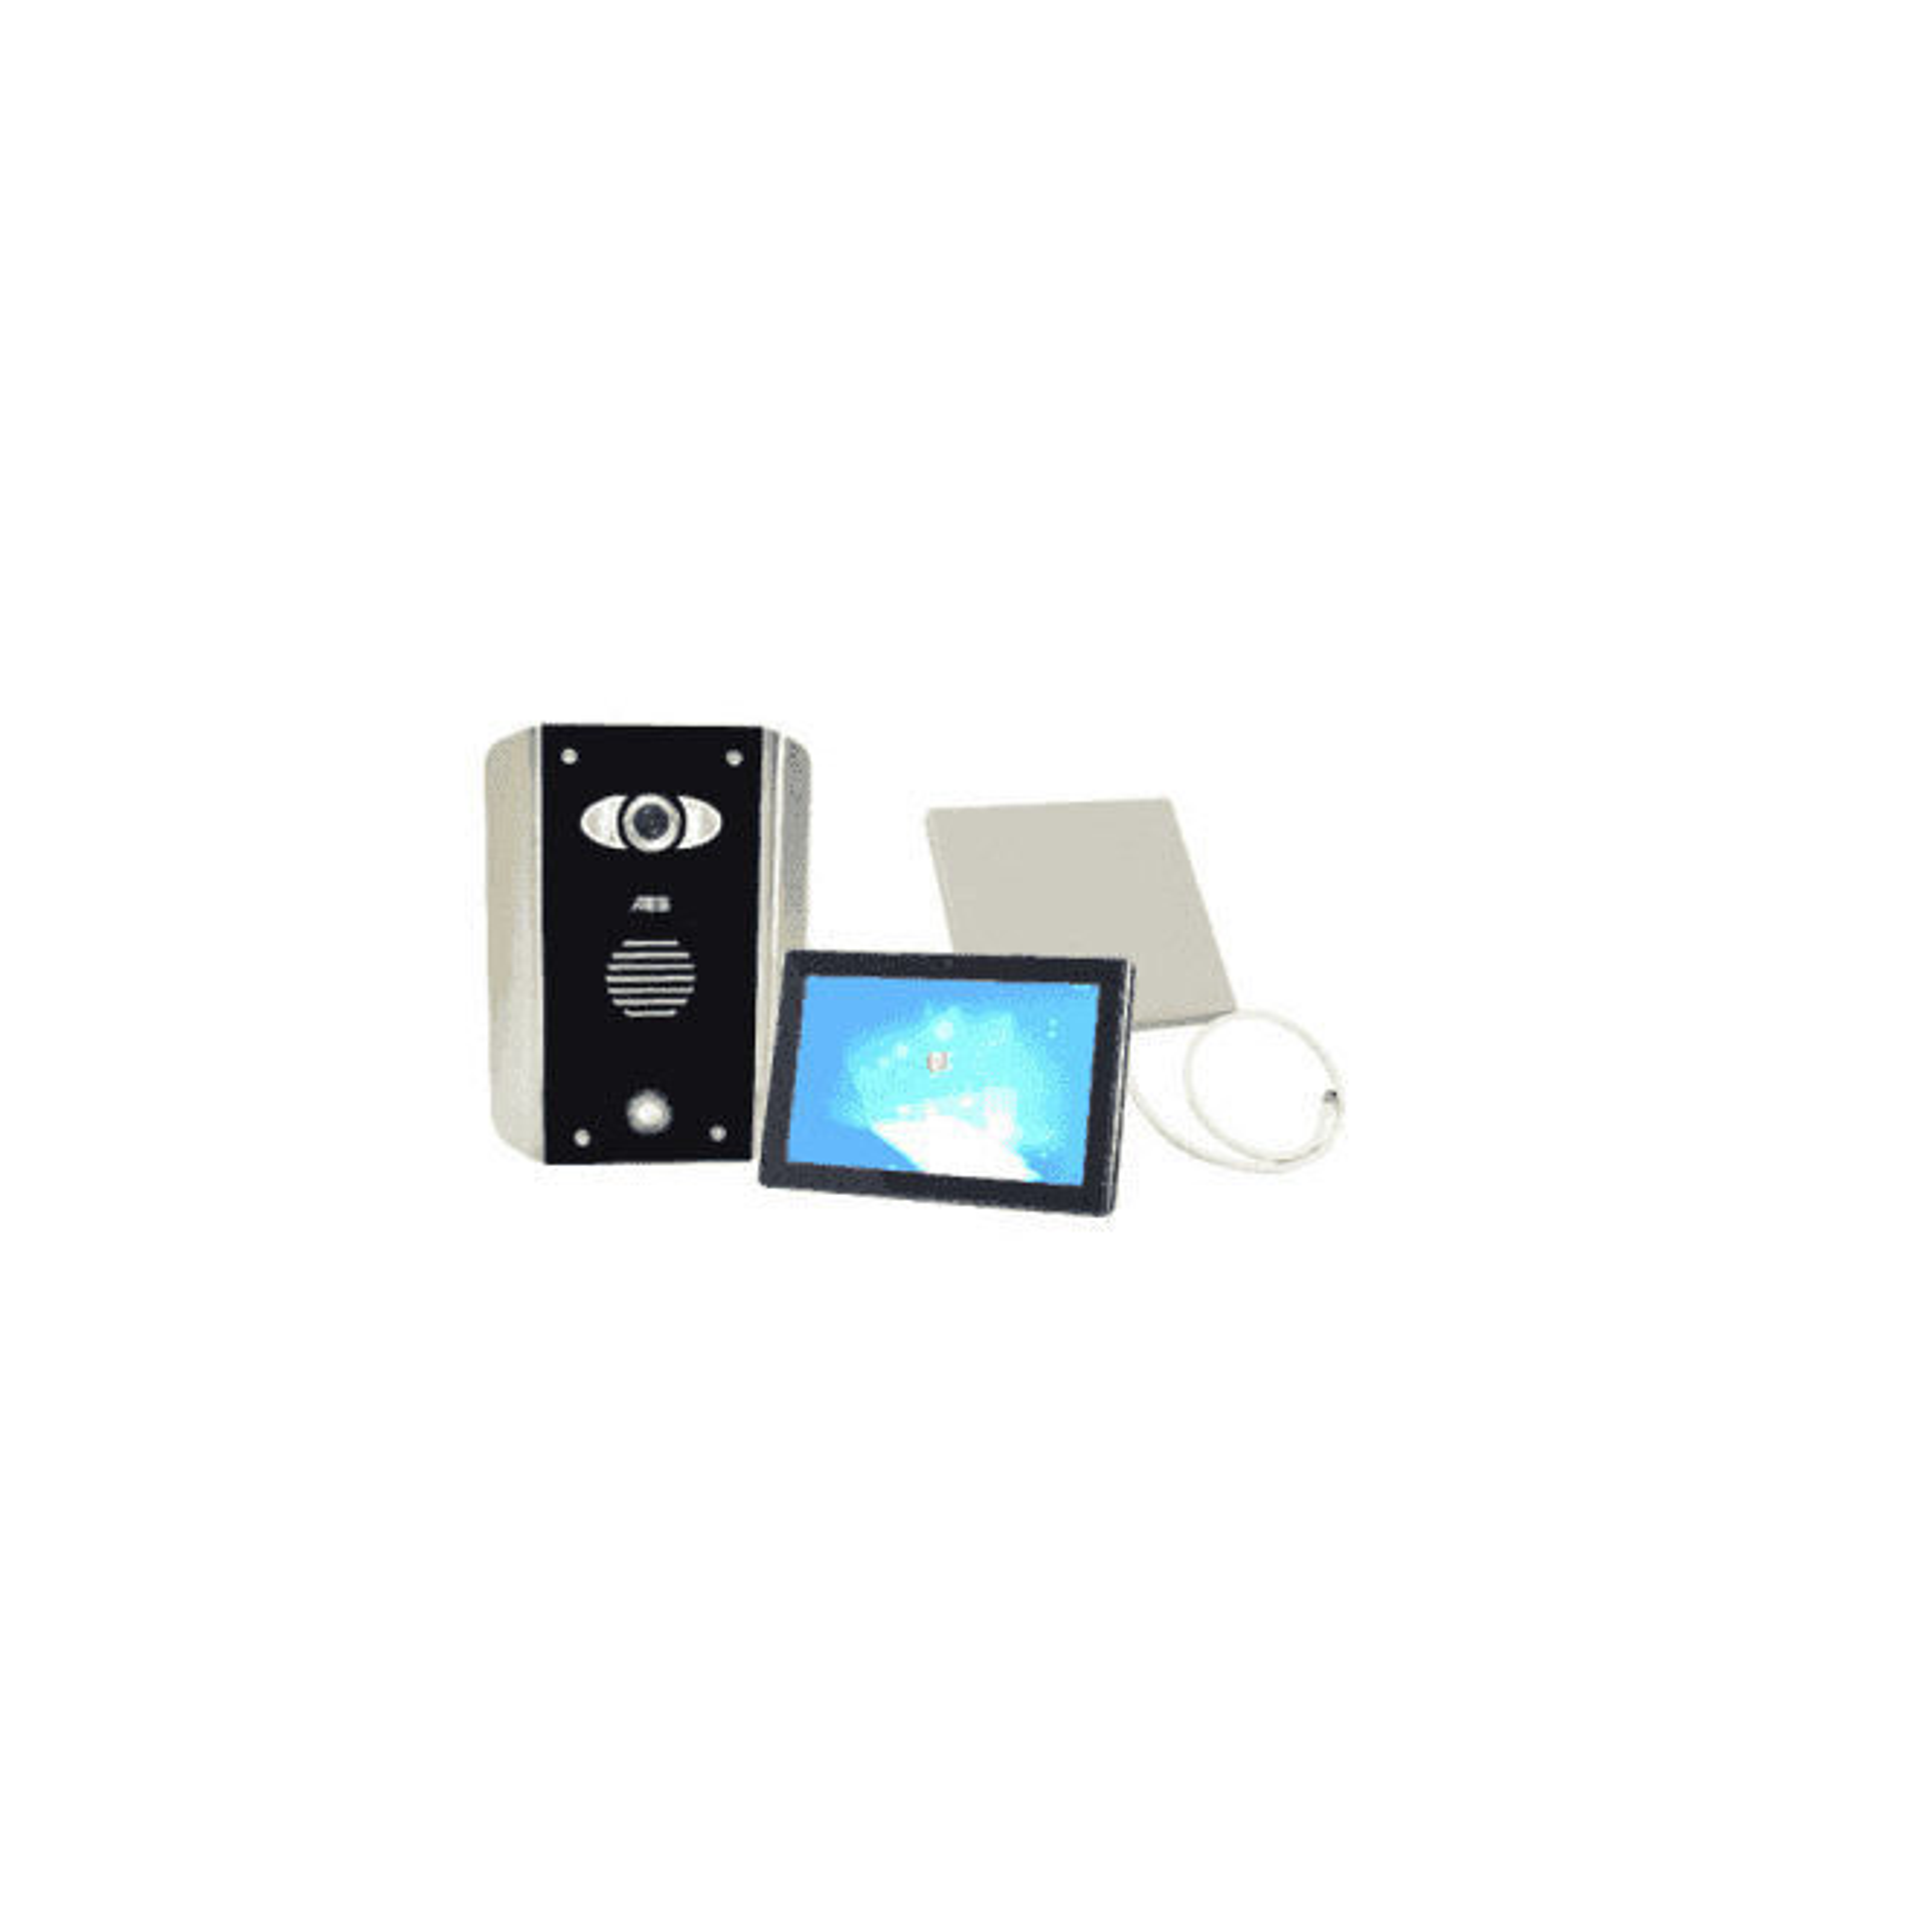 AES PRED2-WIFI-AB-MONITOR1 Architectural wifi intercom - New Wifi Predator Mark 2 with 1 monitor